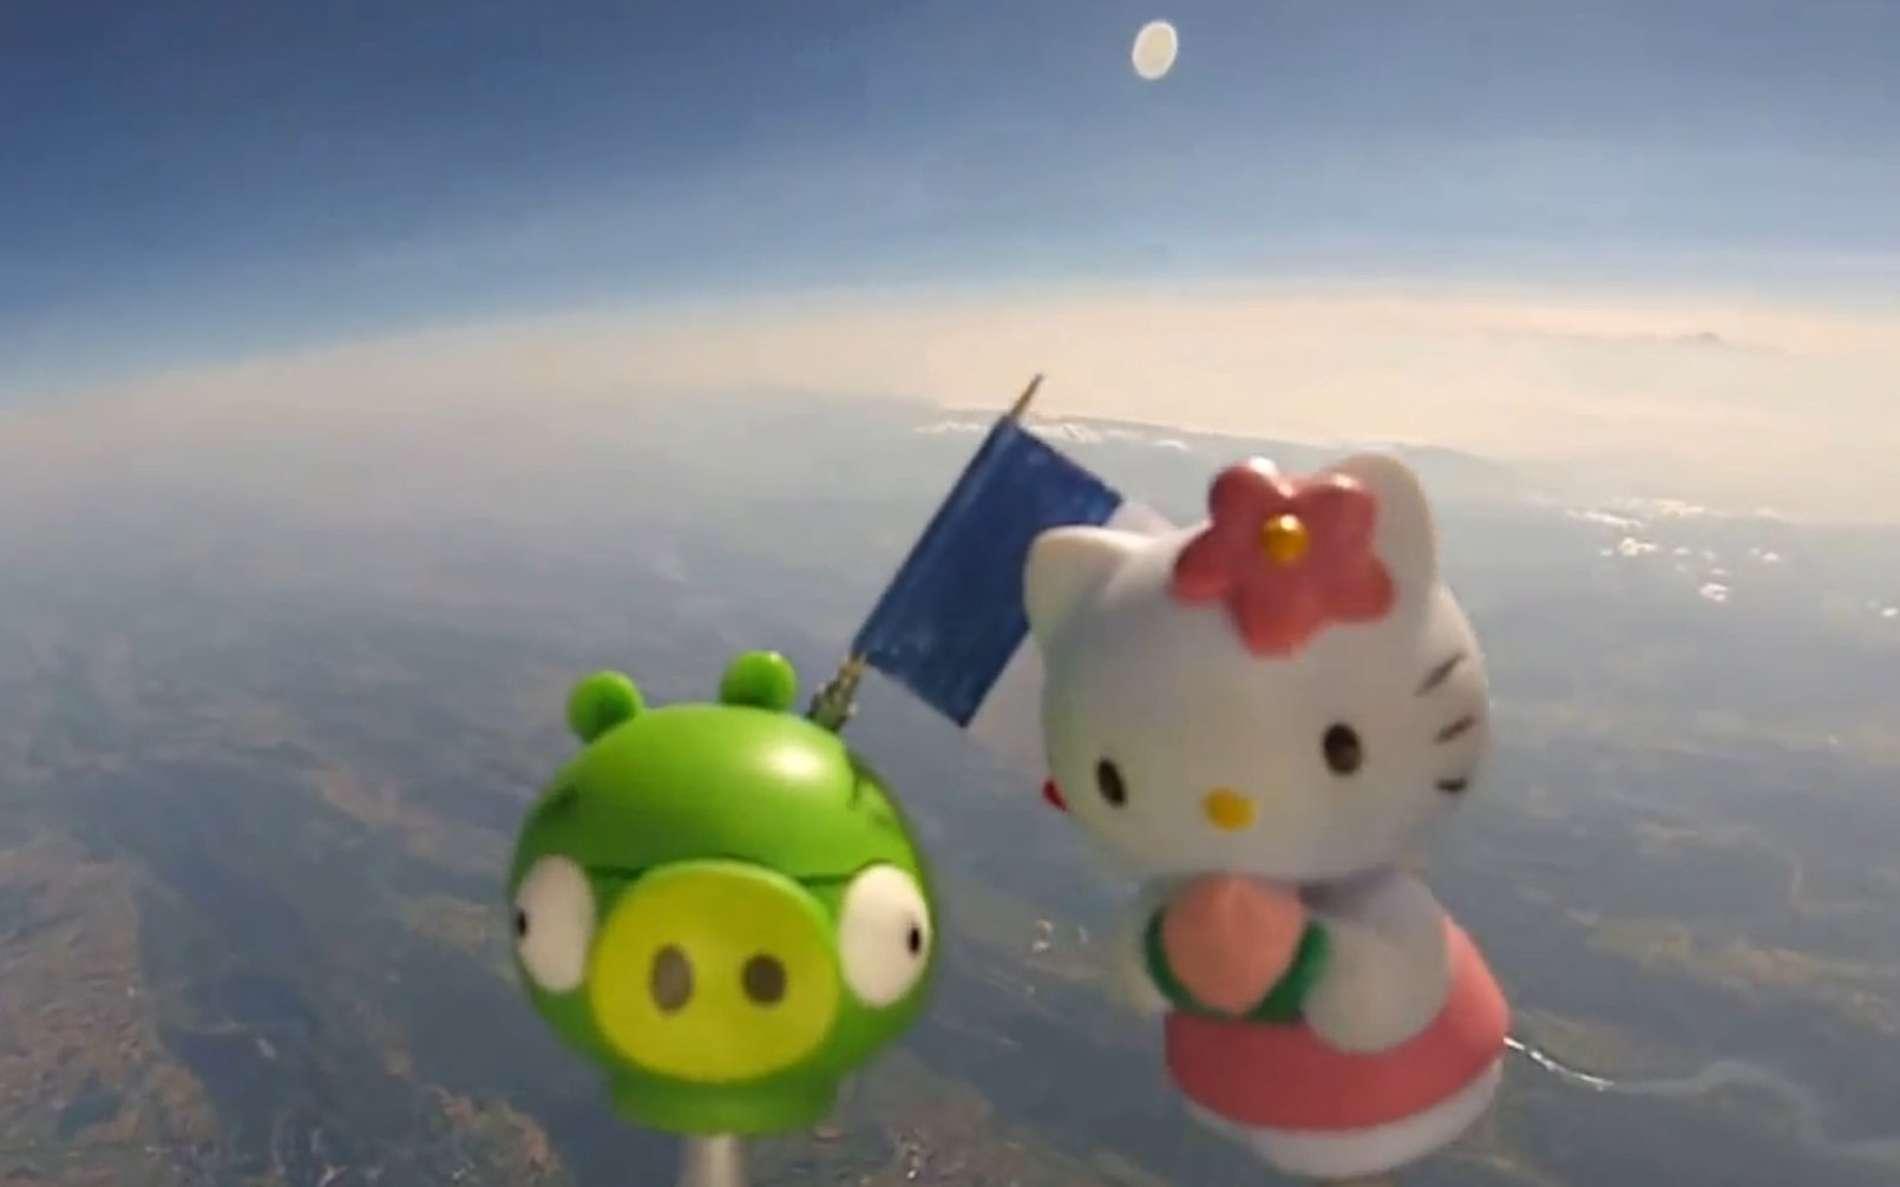 Bad Piggies et Kitty, les deux vedettes de l'équipée Nos jouets dans l'espace. Dans la stratosphère, la rotondité de la Terre commence à apparaître mais elle est très exagérée dans les vidéos diffusées sur Internet par la courte focale des caméras embarquées, qui descend à environ 12 mm en équivalent 35 mm pour un modèle d'une célèbre marque. © Nos jouets dans l'espace